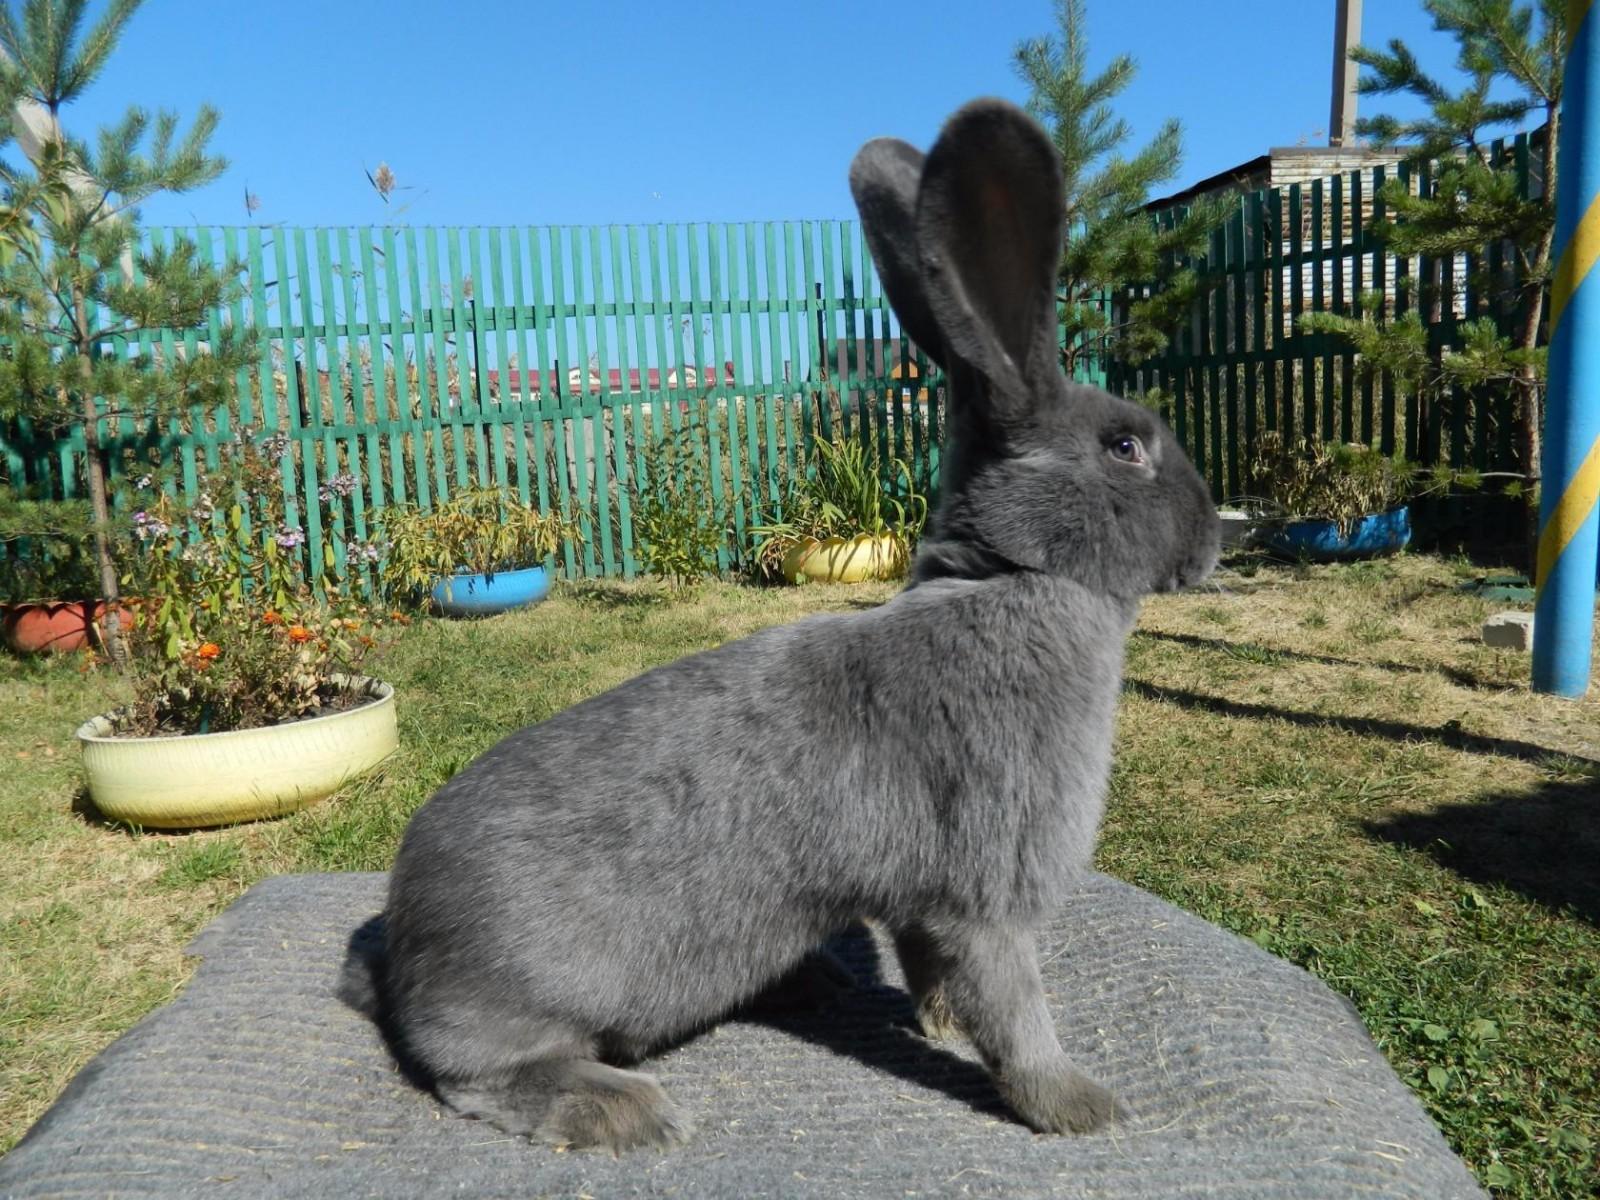 каким цветом кролик великан фото